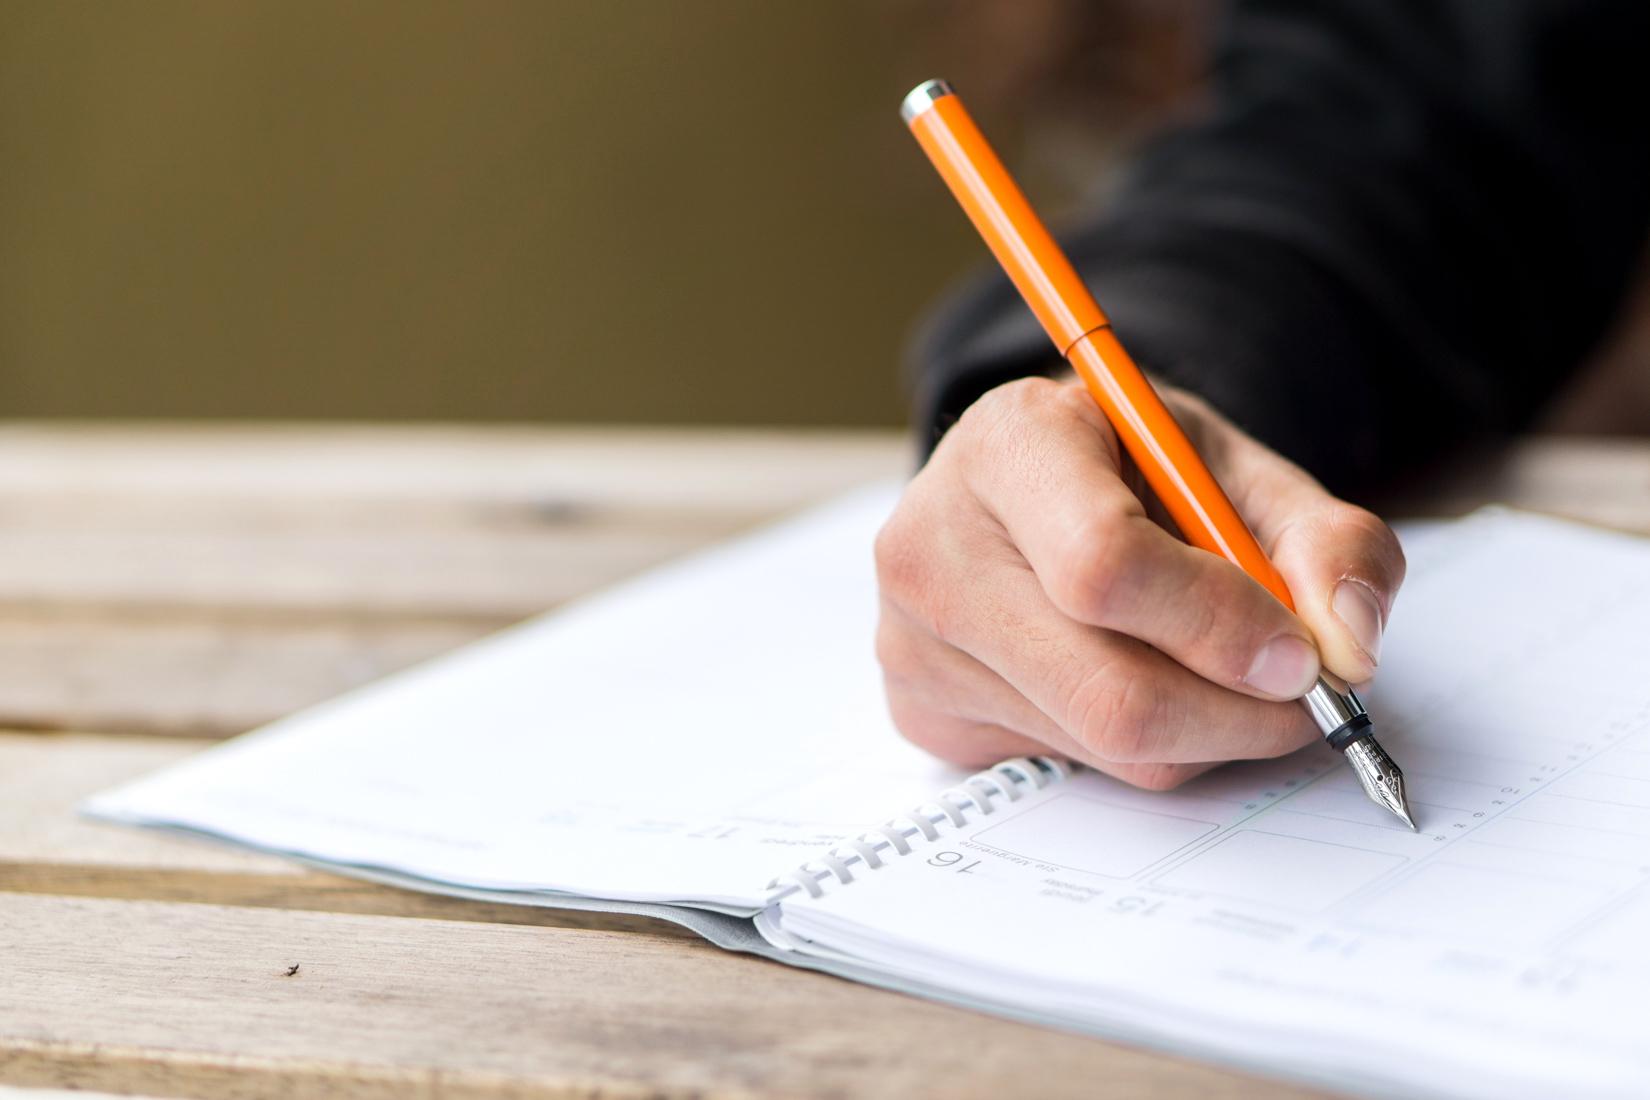 stylo-plume-avantages-article-blog-oberthur-lifestyle-papeterie-ecriture